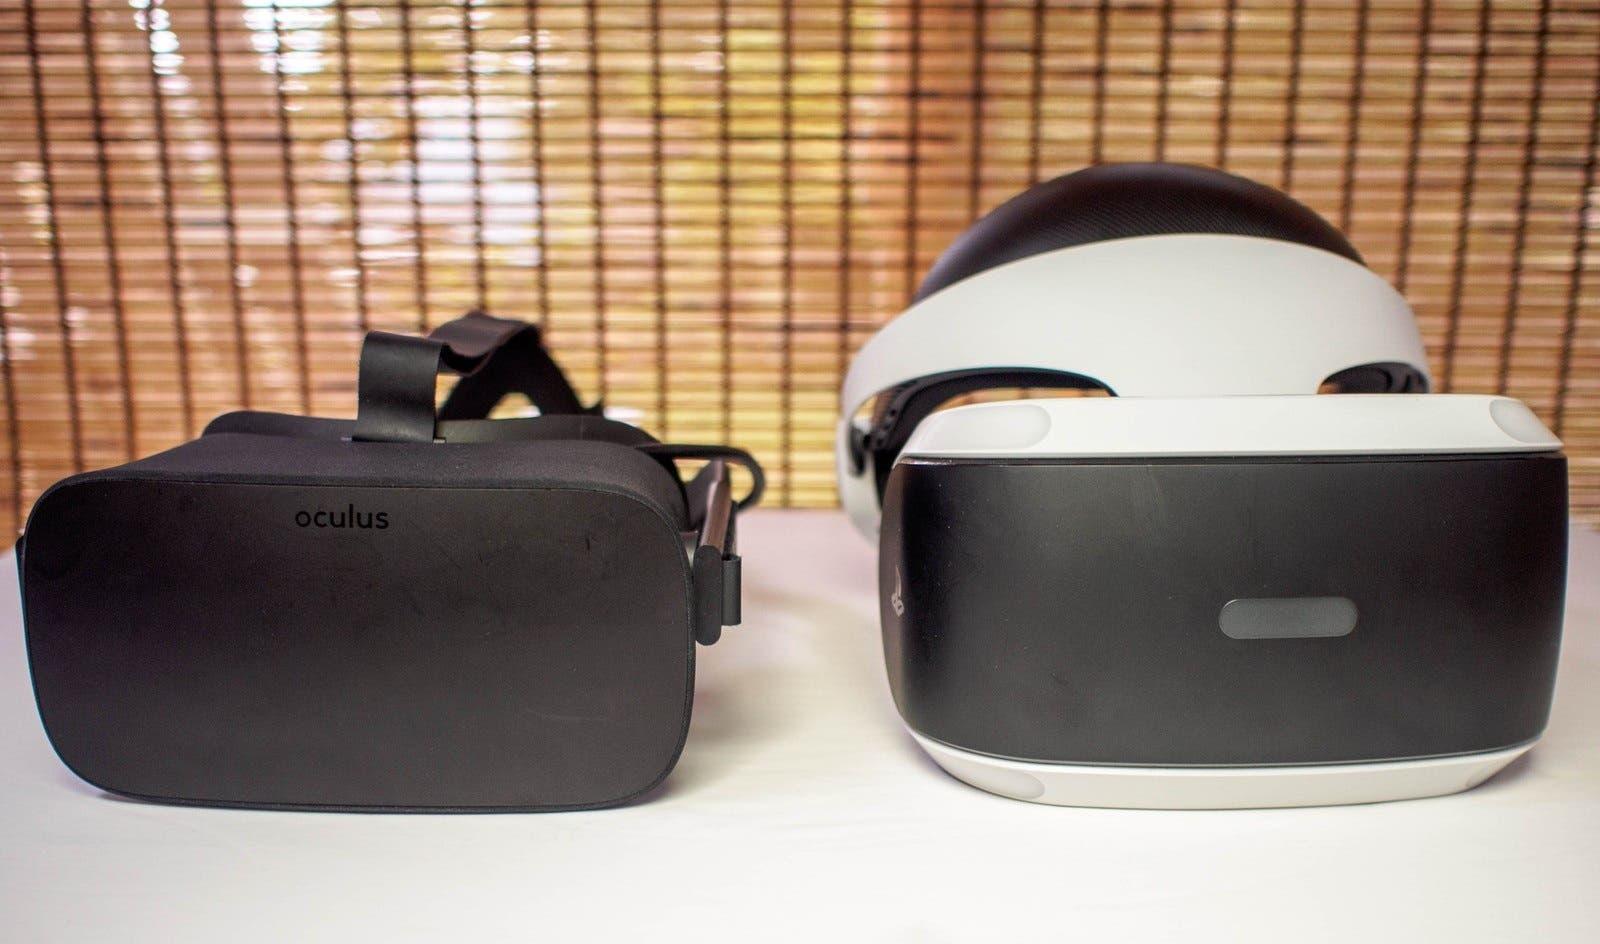 Imagen de Los responsables de Oculus quieren intercambiar exclusivos con PlayStation VR